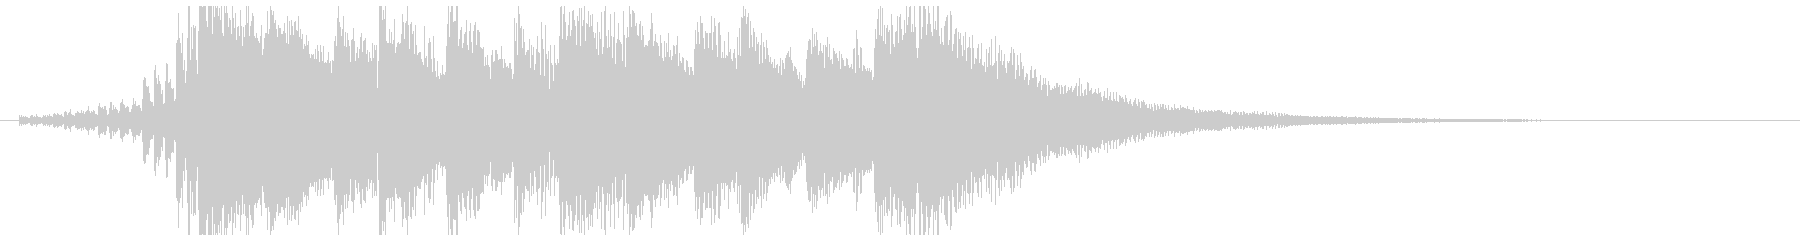 ニュース番組オープニング風BGM(10秒の未再生の波形